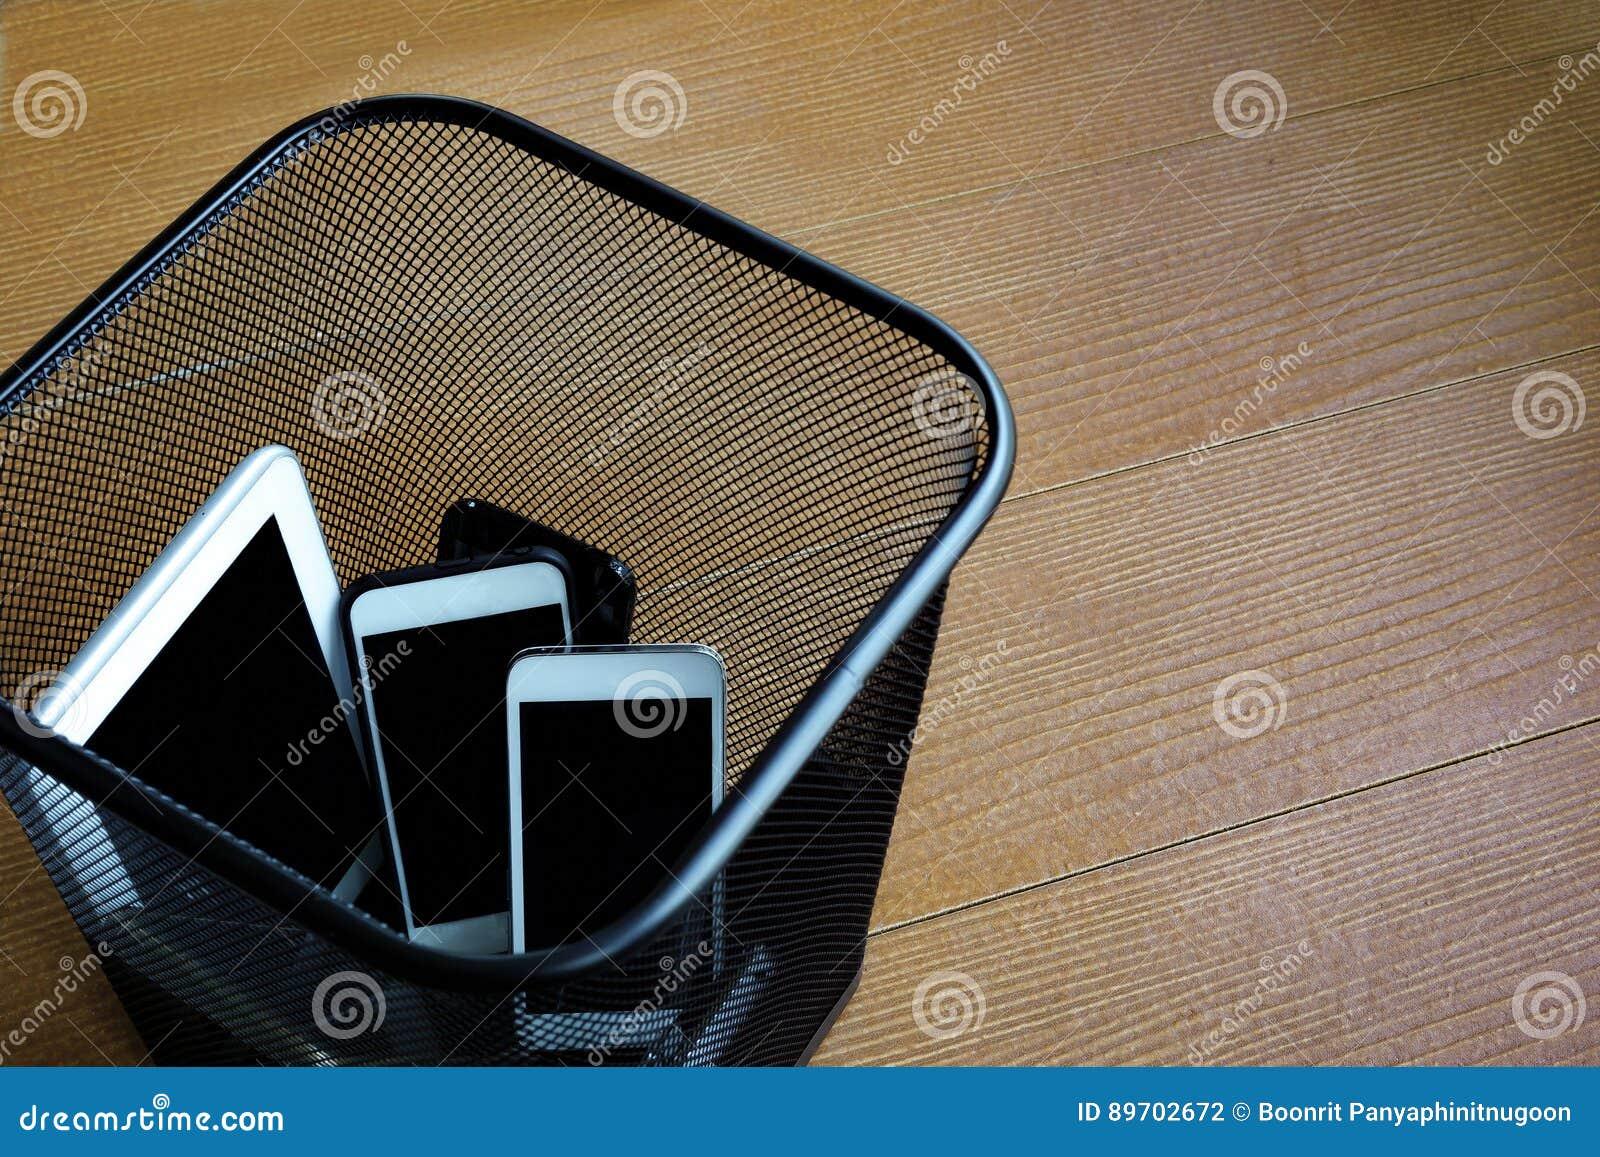 Smartphones dans la poubelle